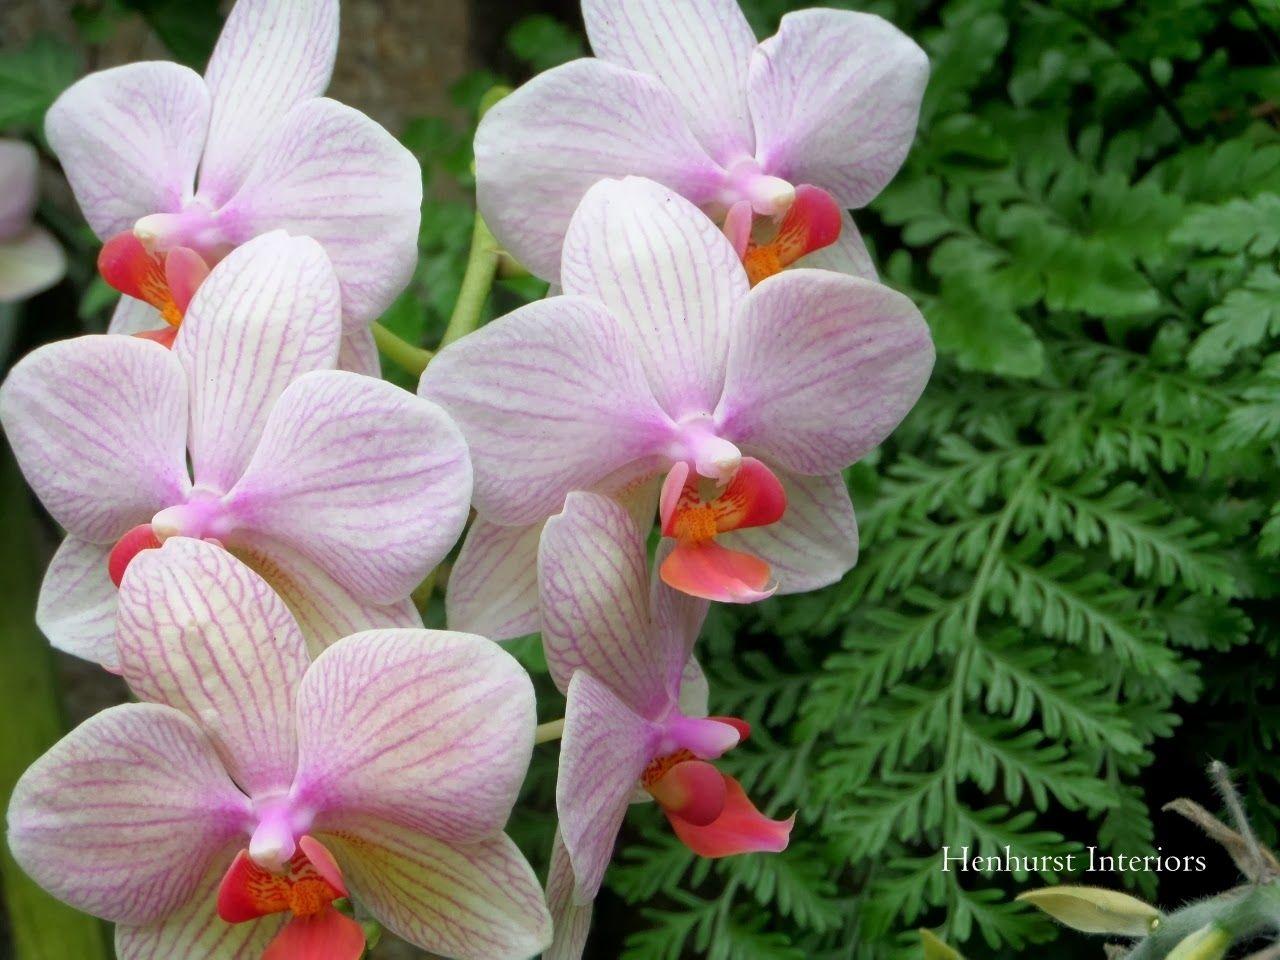 Henhurst dream garden orchids dream garden orchids